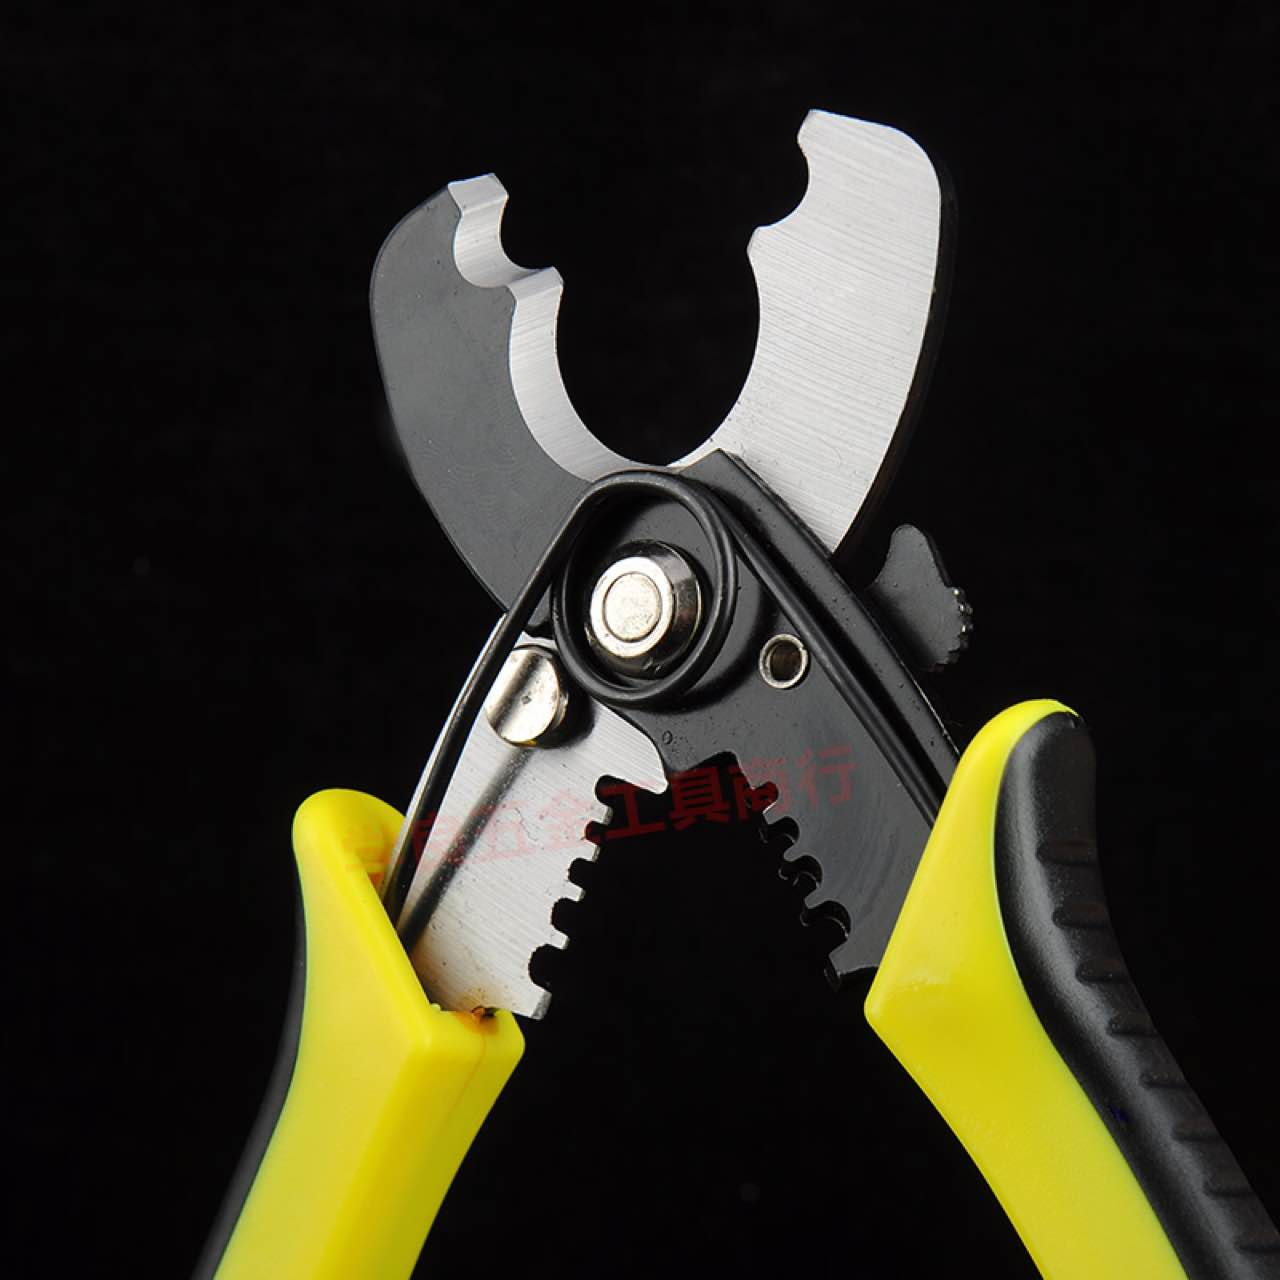 沪丰多功能剥剪线同轴电缆剪电工线刀剥皮扒皮接头破线钳工具